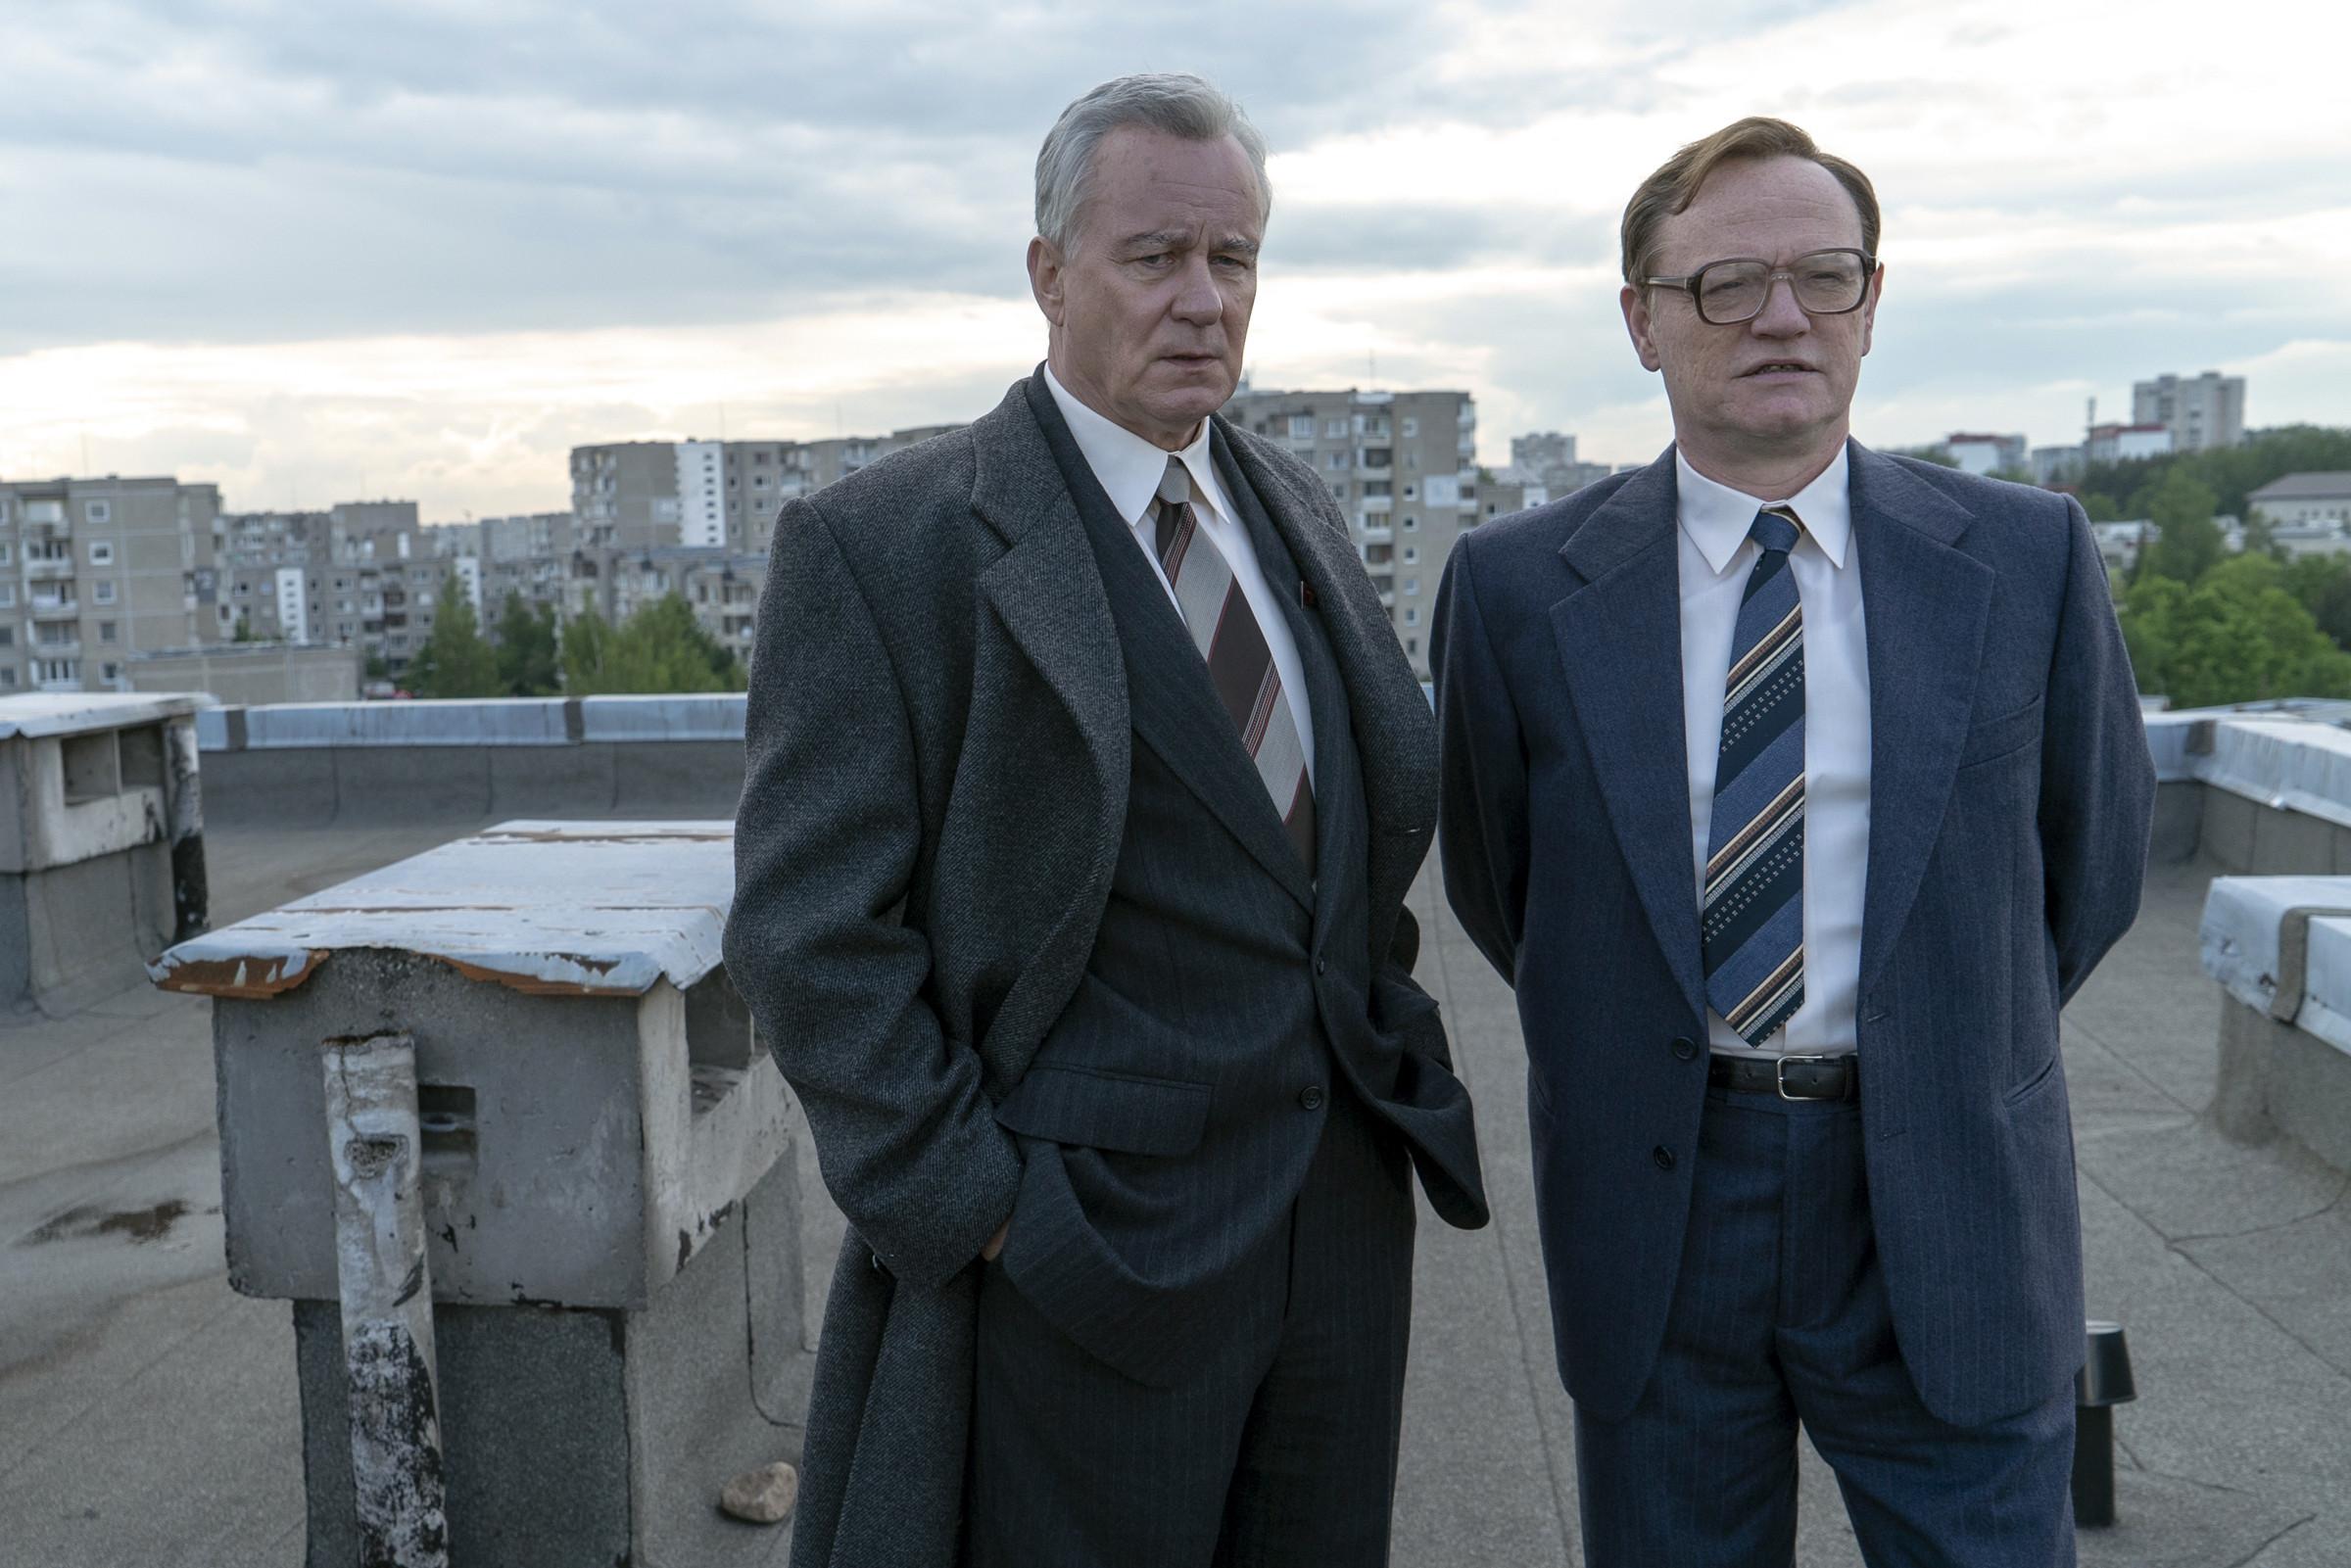 """Miniseries: crítica de """"Chernobyl"""", de Craig Mazin y Johan Renck (HBO)"""